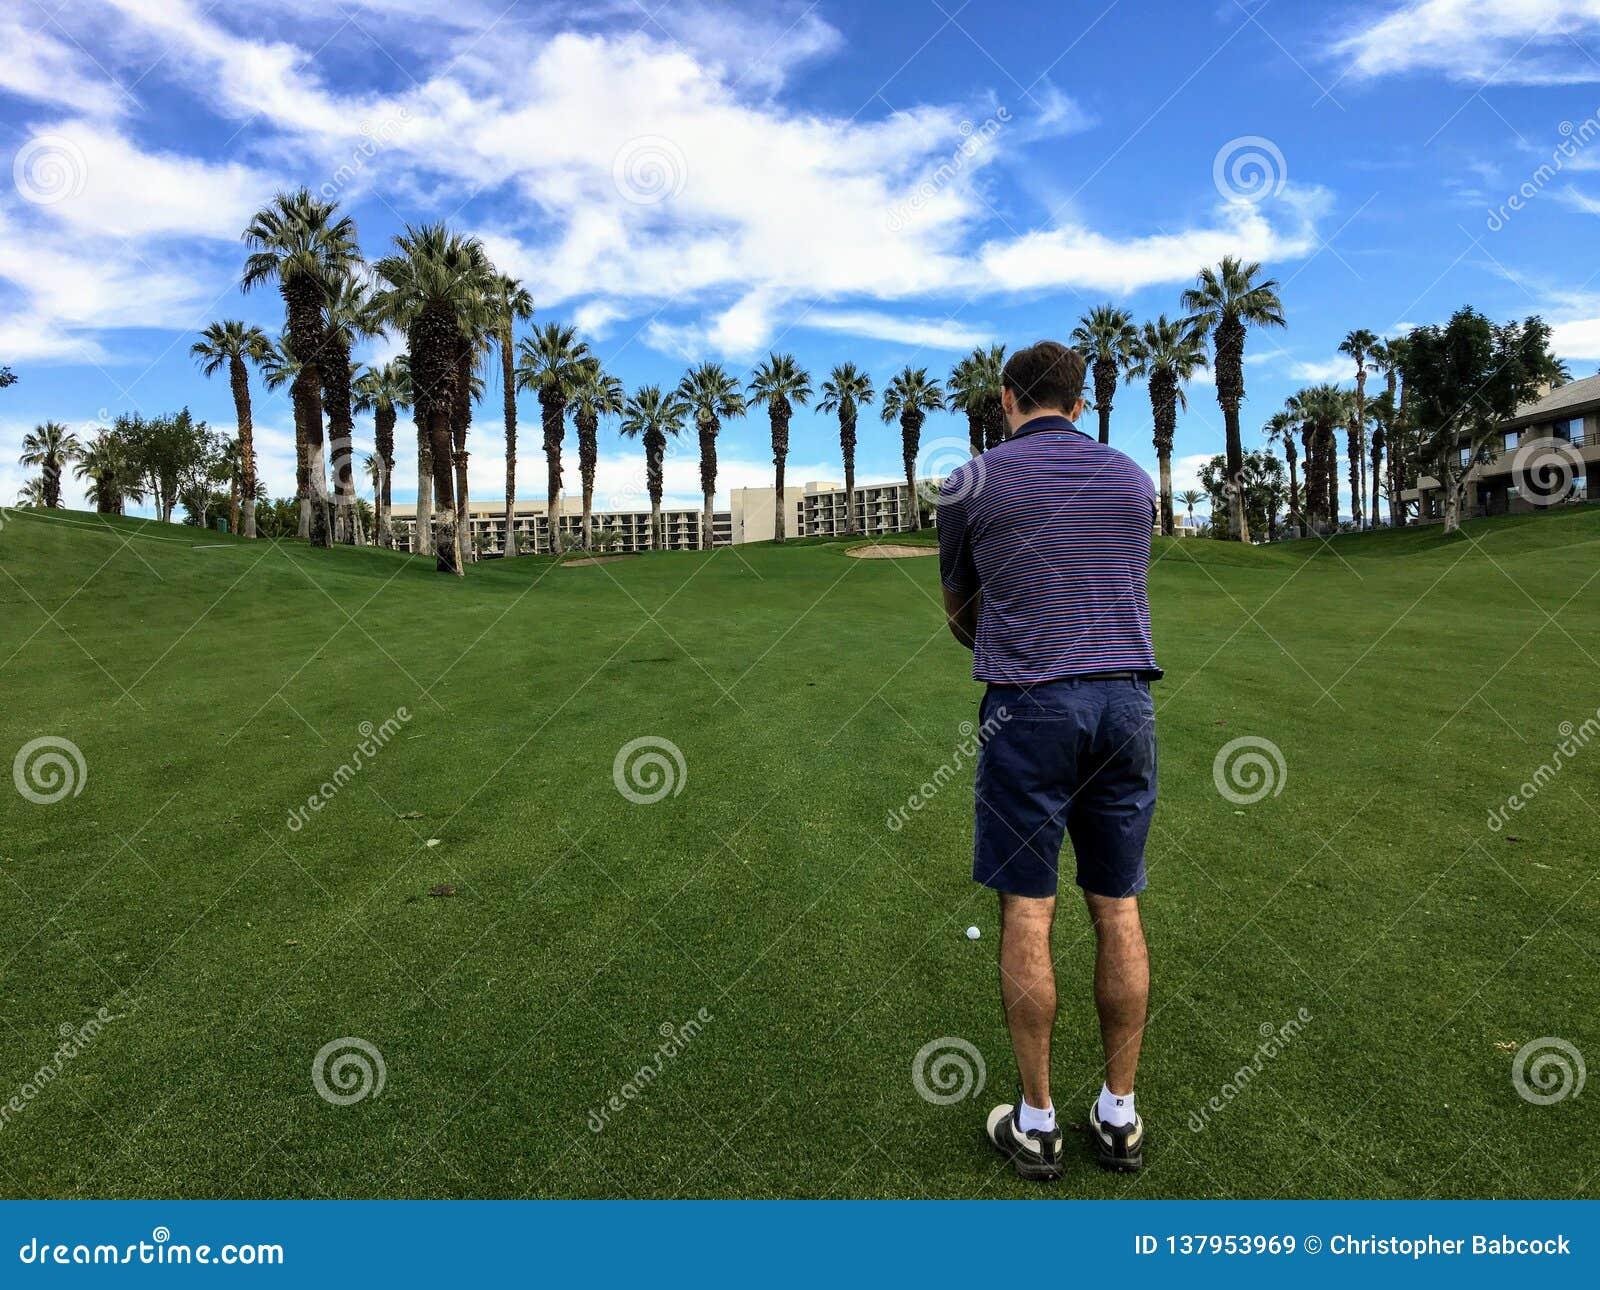 排队他的近射的一位年轻男性高尔夫球运动员从同水准的4航路中在一个高尔夫球场在棕榈泉